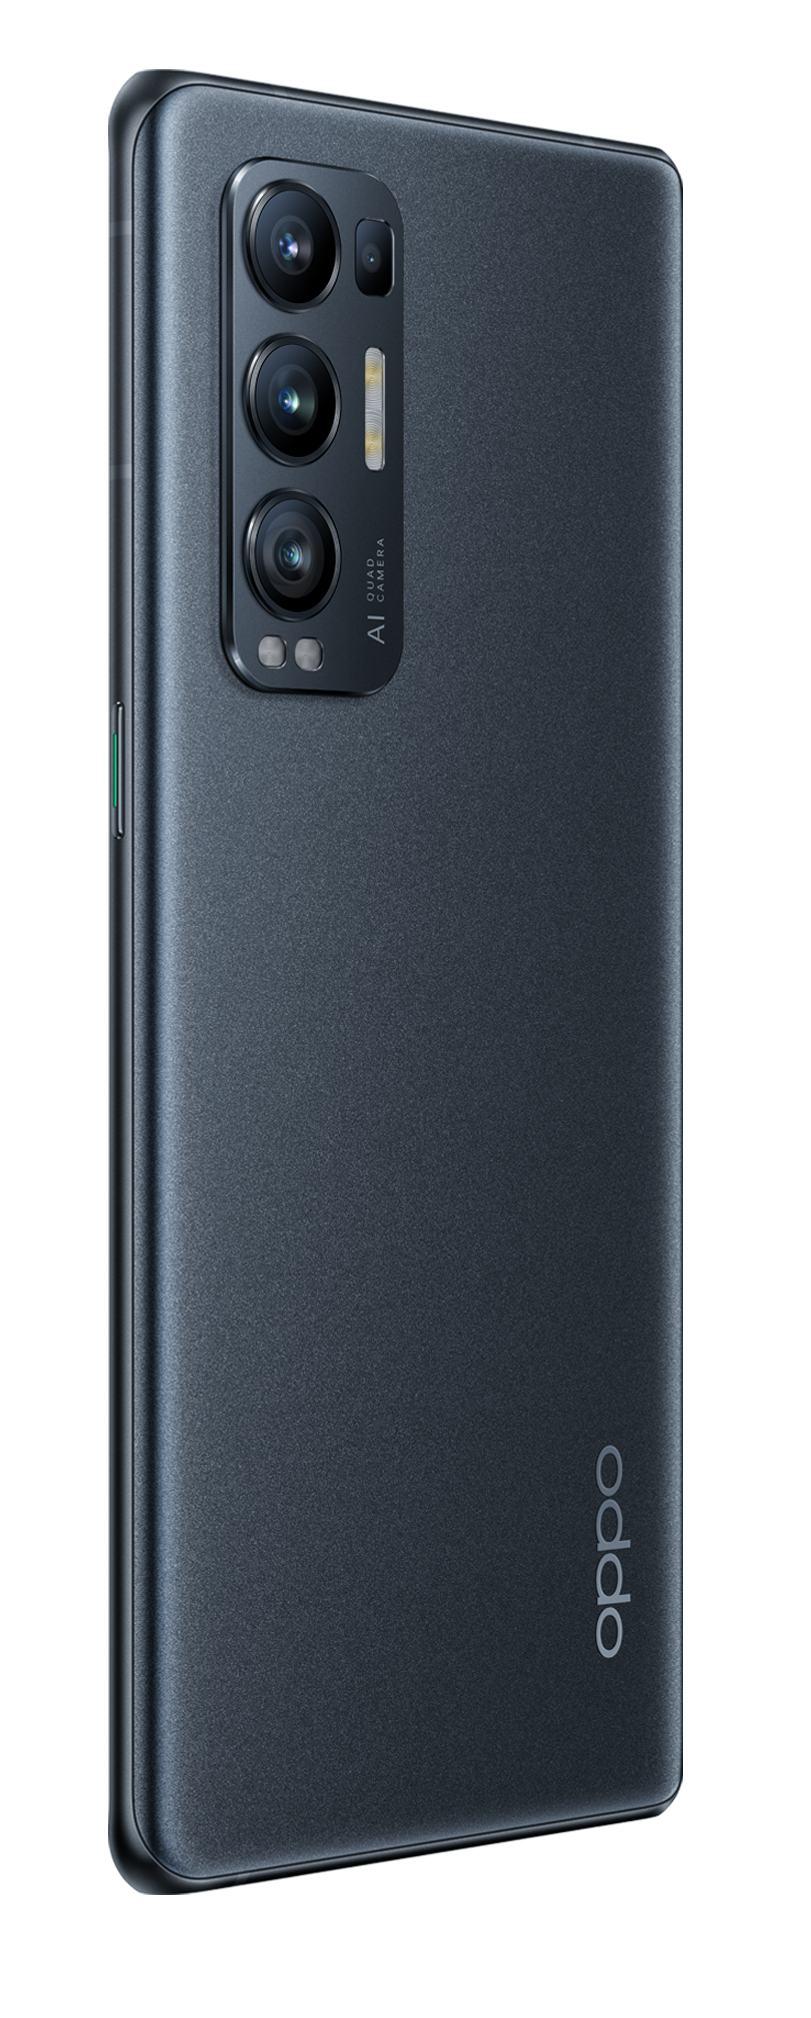 OPPO Reno5 Pro 5G RAM 12GB+256GB Starlight Black, RENO5PRO-256BK, CPH2207